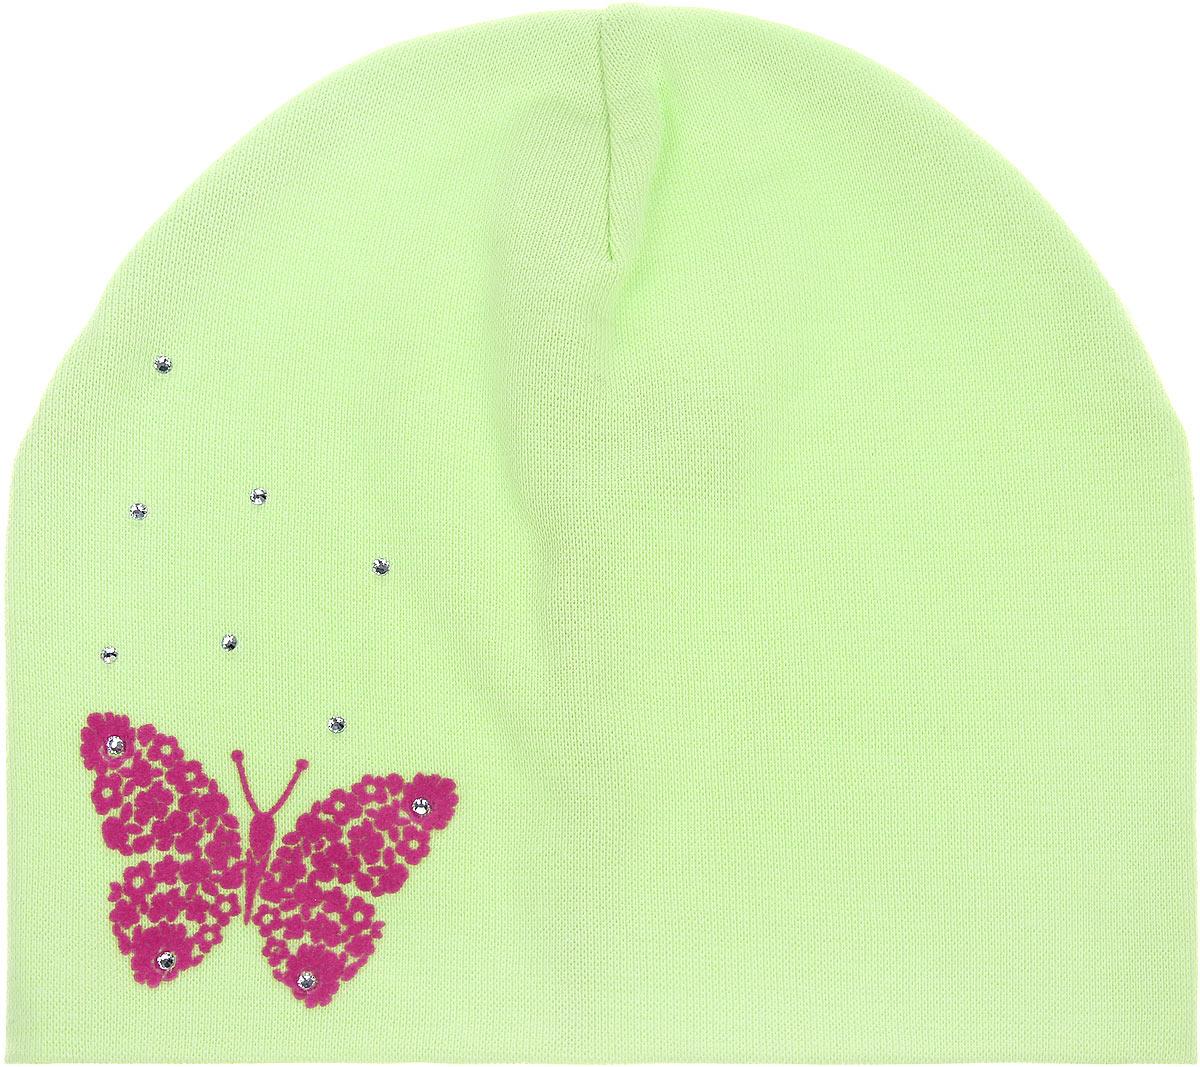 Шапка для девочки. DC3730-22DC3730-22_1Шапка для девочки ПриКиндер станет стильным дополнением к детскому гардеробу. Она выполнена из хлопка с добавлением лайкры, приятная на ощупь, идеально прилегает к голове. Изделие декорировано стразами и аппликацией в виде бабочки. Современный дизайн и расцветка делают эту шапку модным детским аксессуаром. В такой шапке ребенок будет чувствовать себя уютно, комфортно и всегда будет в центре внимания!